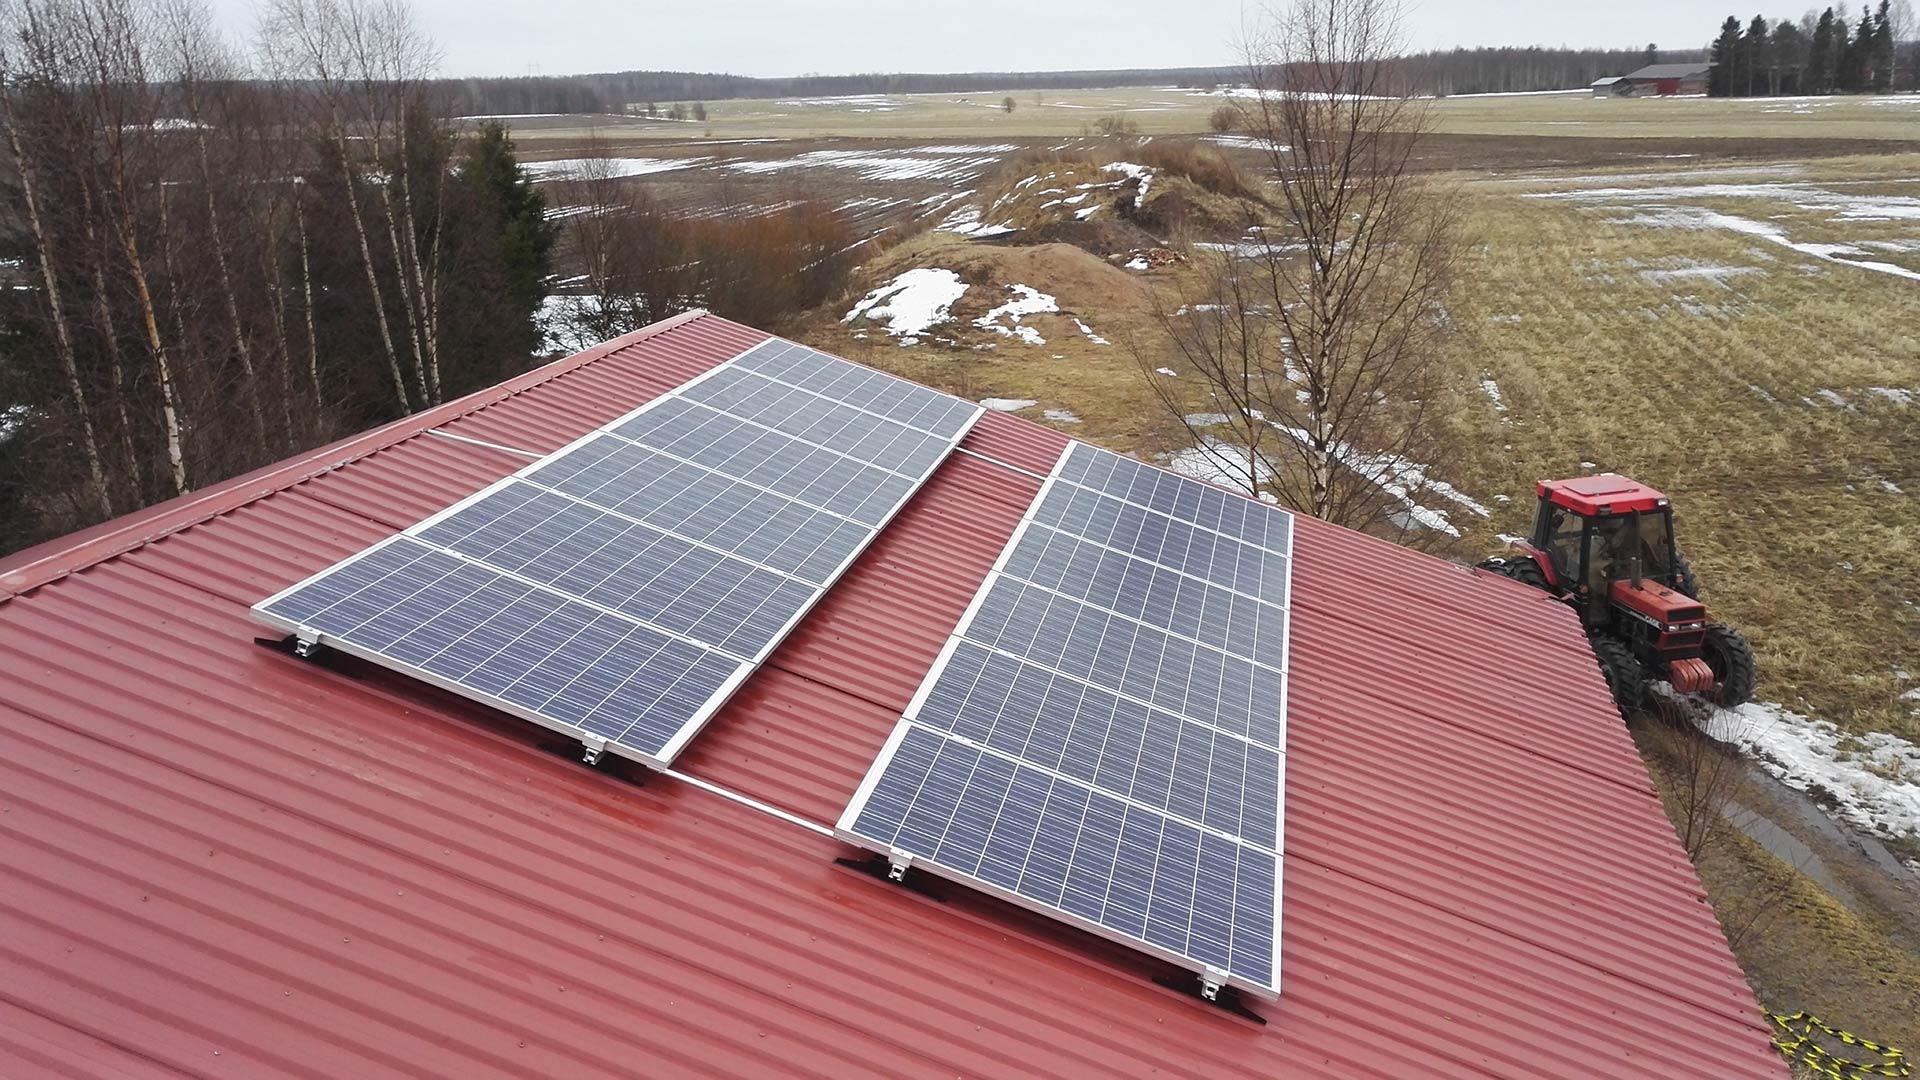 aurinkopaneelit maatalouksille ja yrityksille